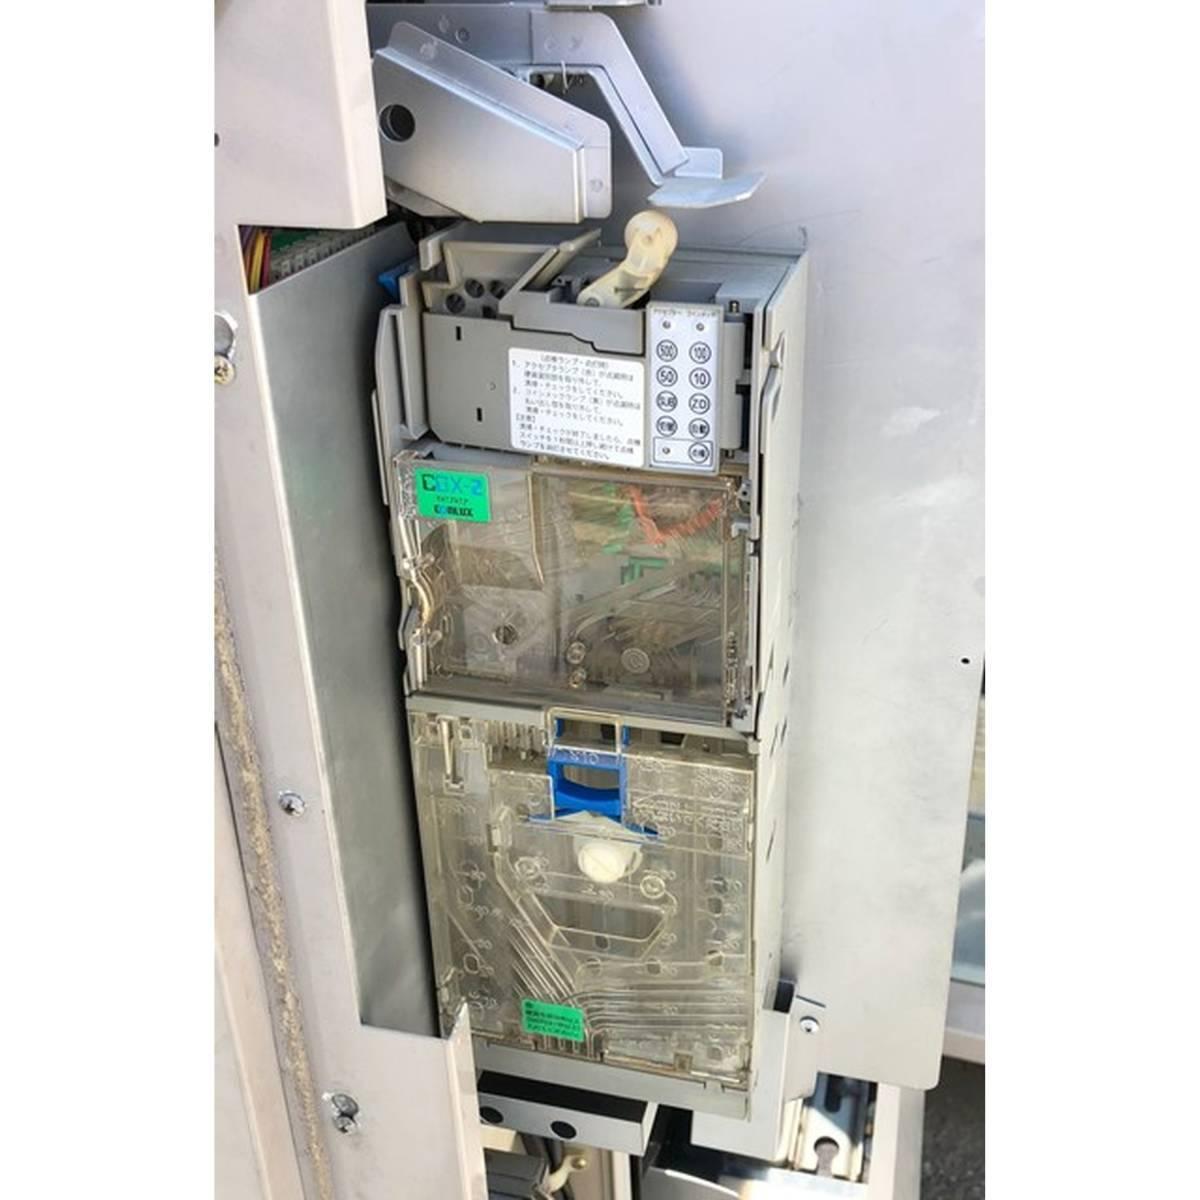 整備済み 冷蔵機能付き 物品 自動販売機 三洋電機製 15セレクション 美品 保証付き 180万円 動作確認済み 動作保証 6か月 即利用可_画像8